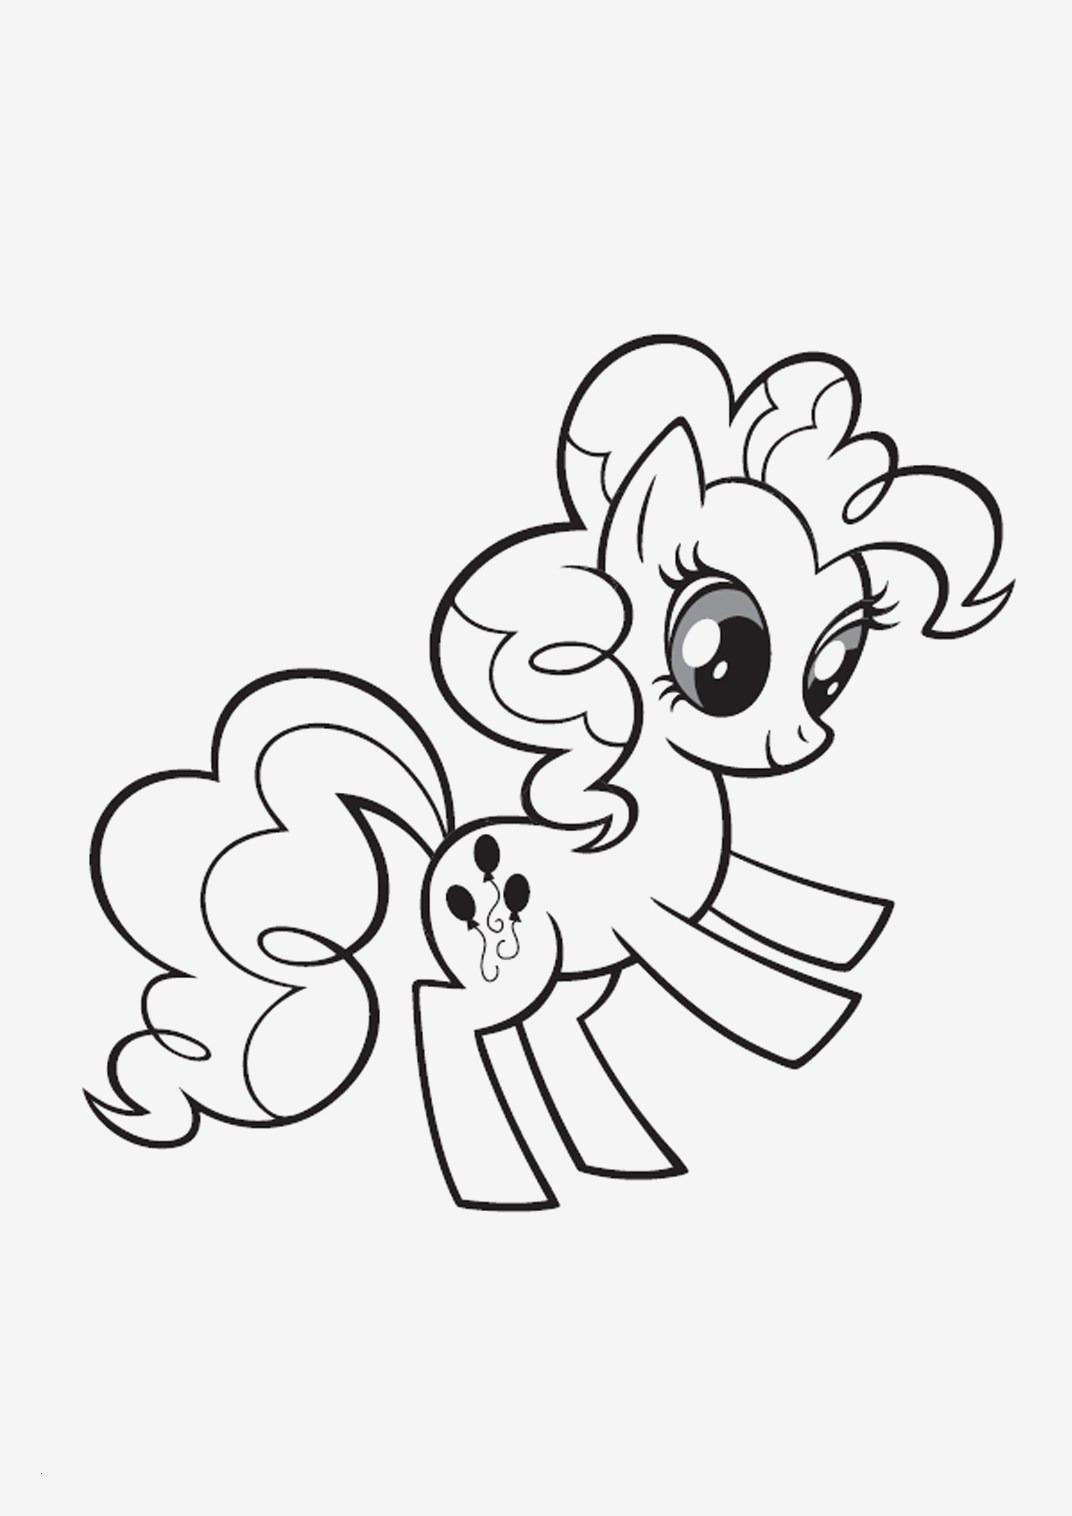 Ausmalbilder My Little Pony Equestria Genial Ausmalbilder My Little Pony Prinzessin Cadance Elegant 28 Mlp Frisch Fotos